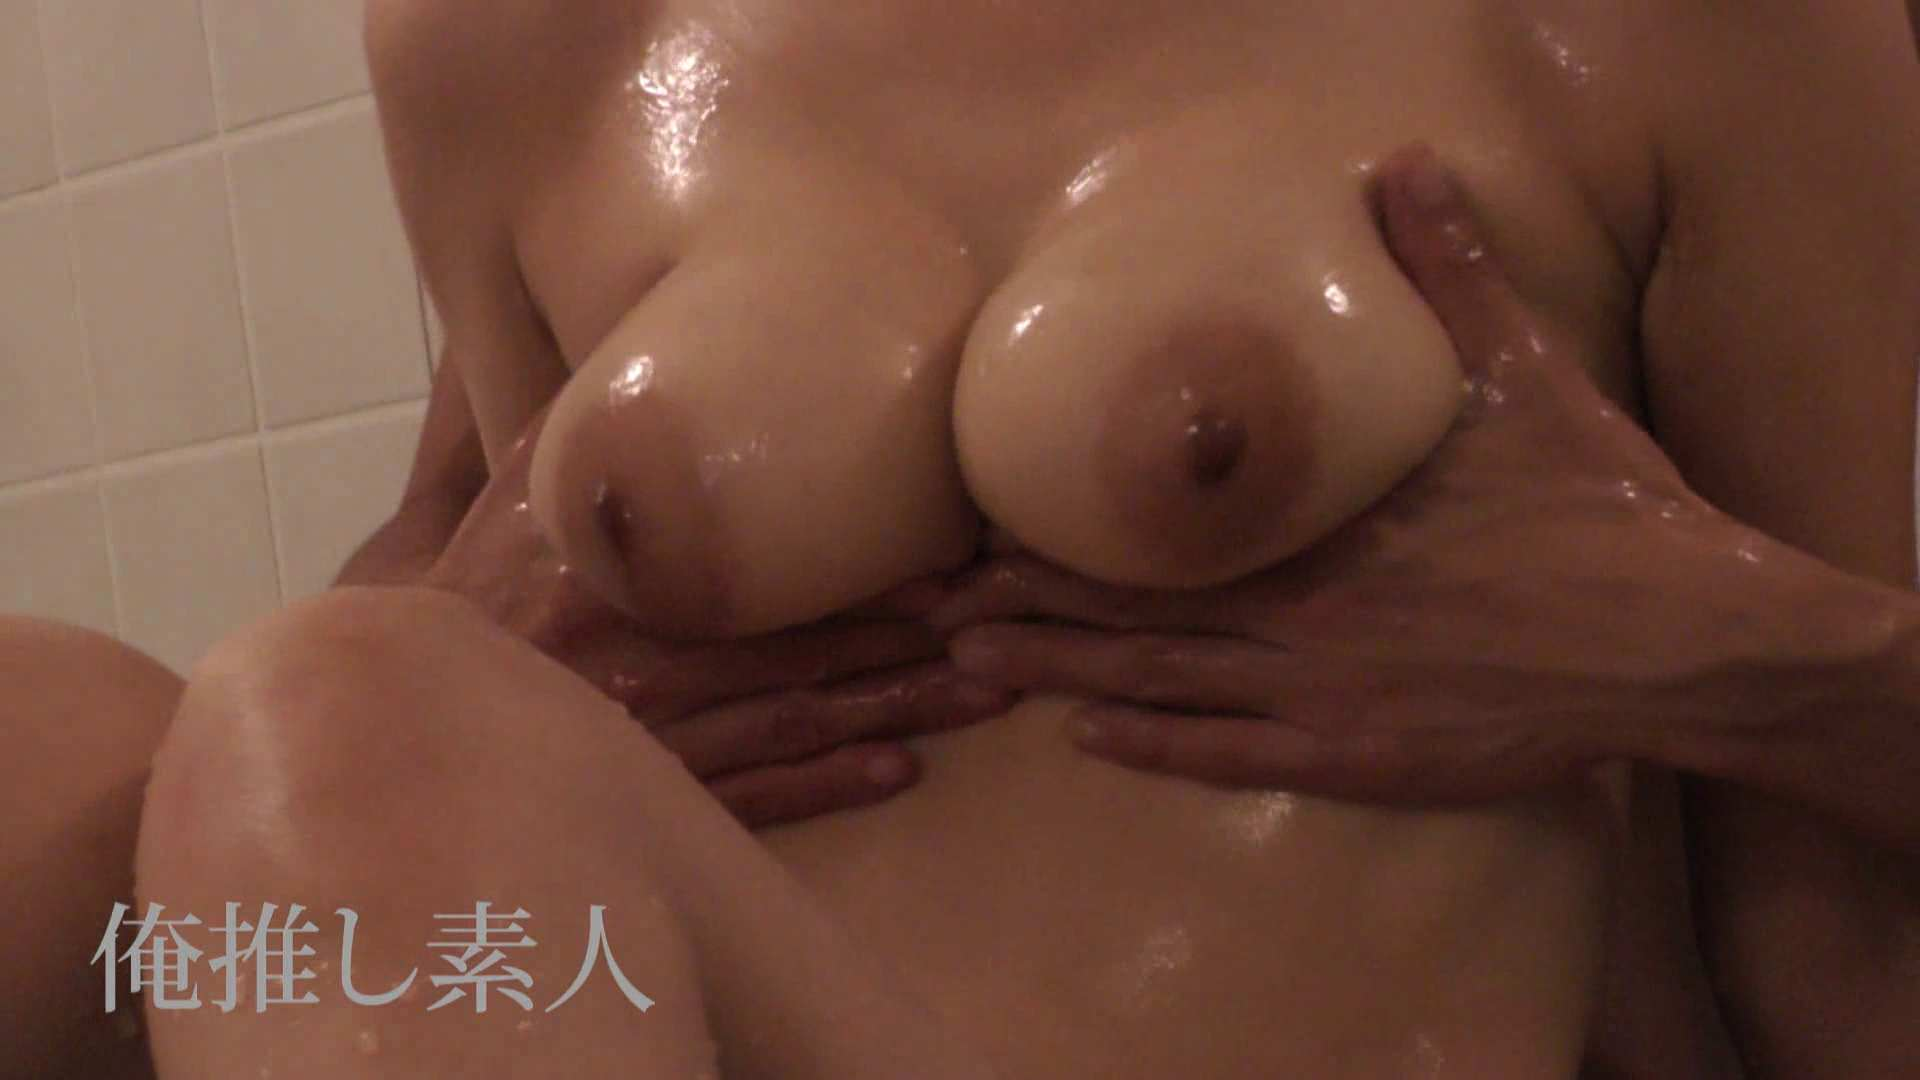 俺推し素人 30代人妻熟女キャバ嬢雫Vol.02 エッチな熟女 AV無料 63pic 60